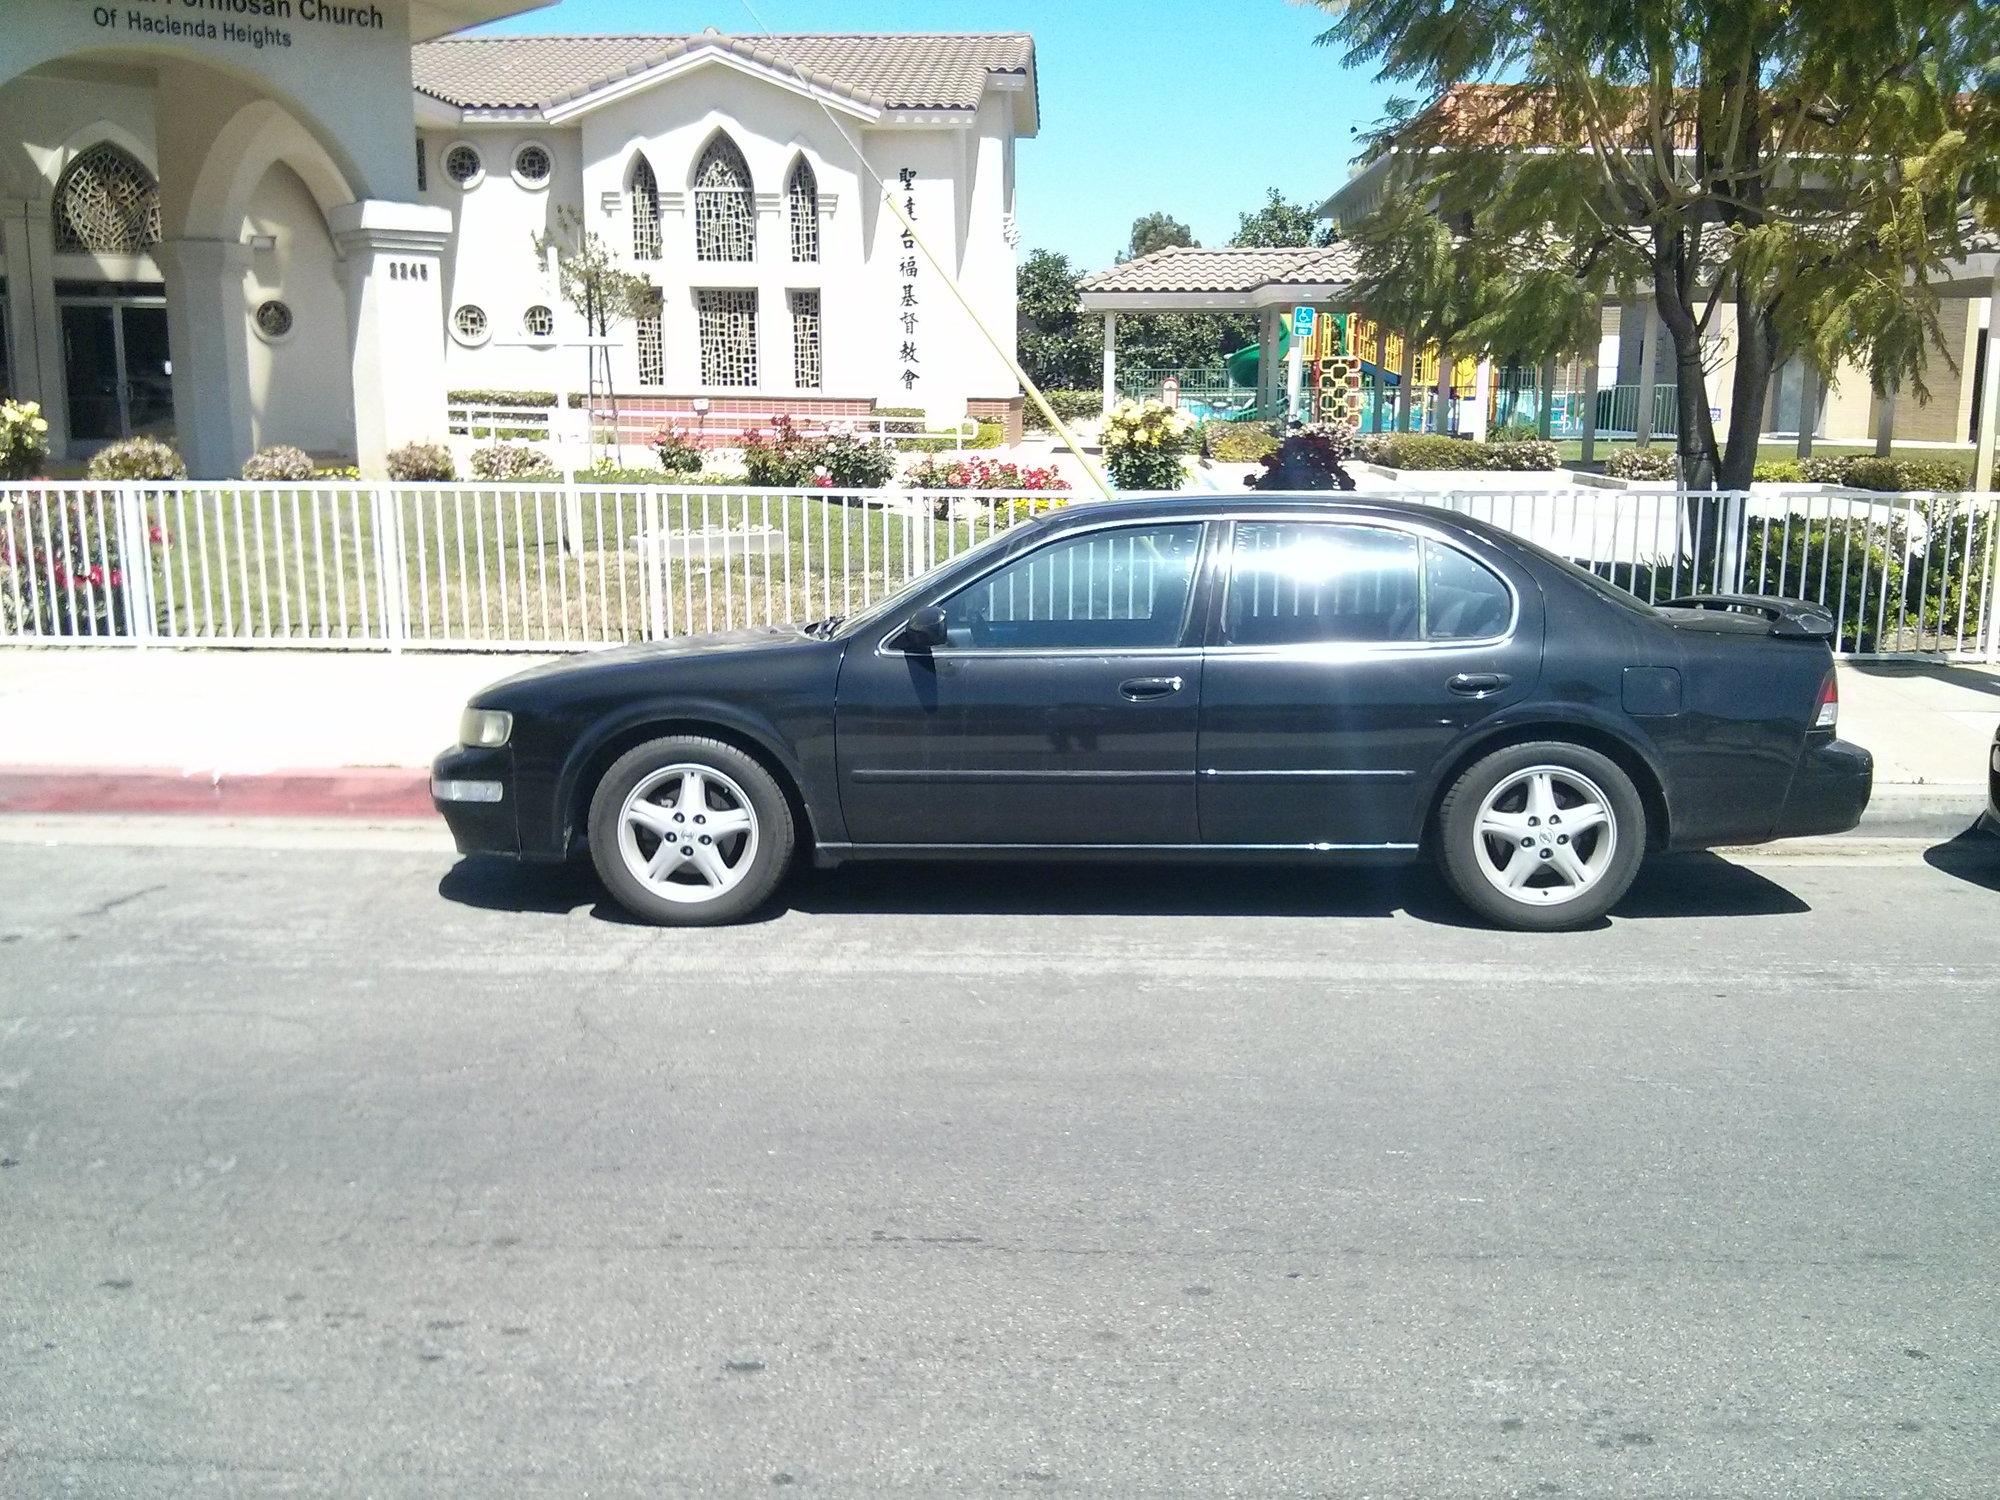 CA Socal 1998 Maxima SE Black Manual 5sp - Maxima Forums